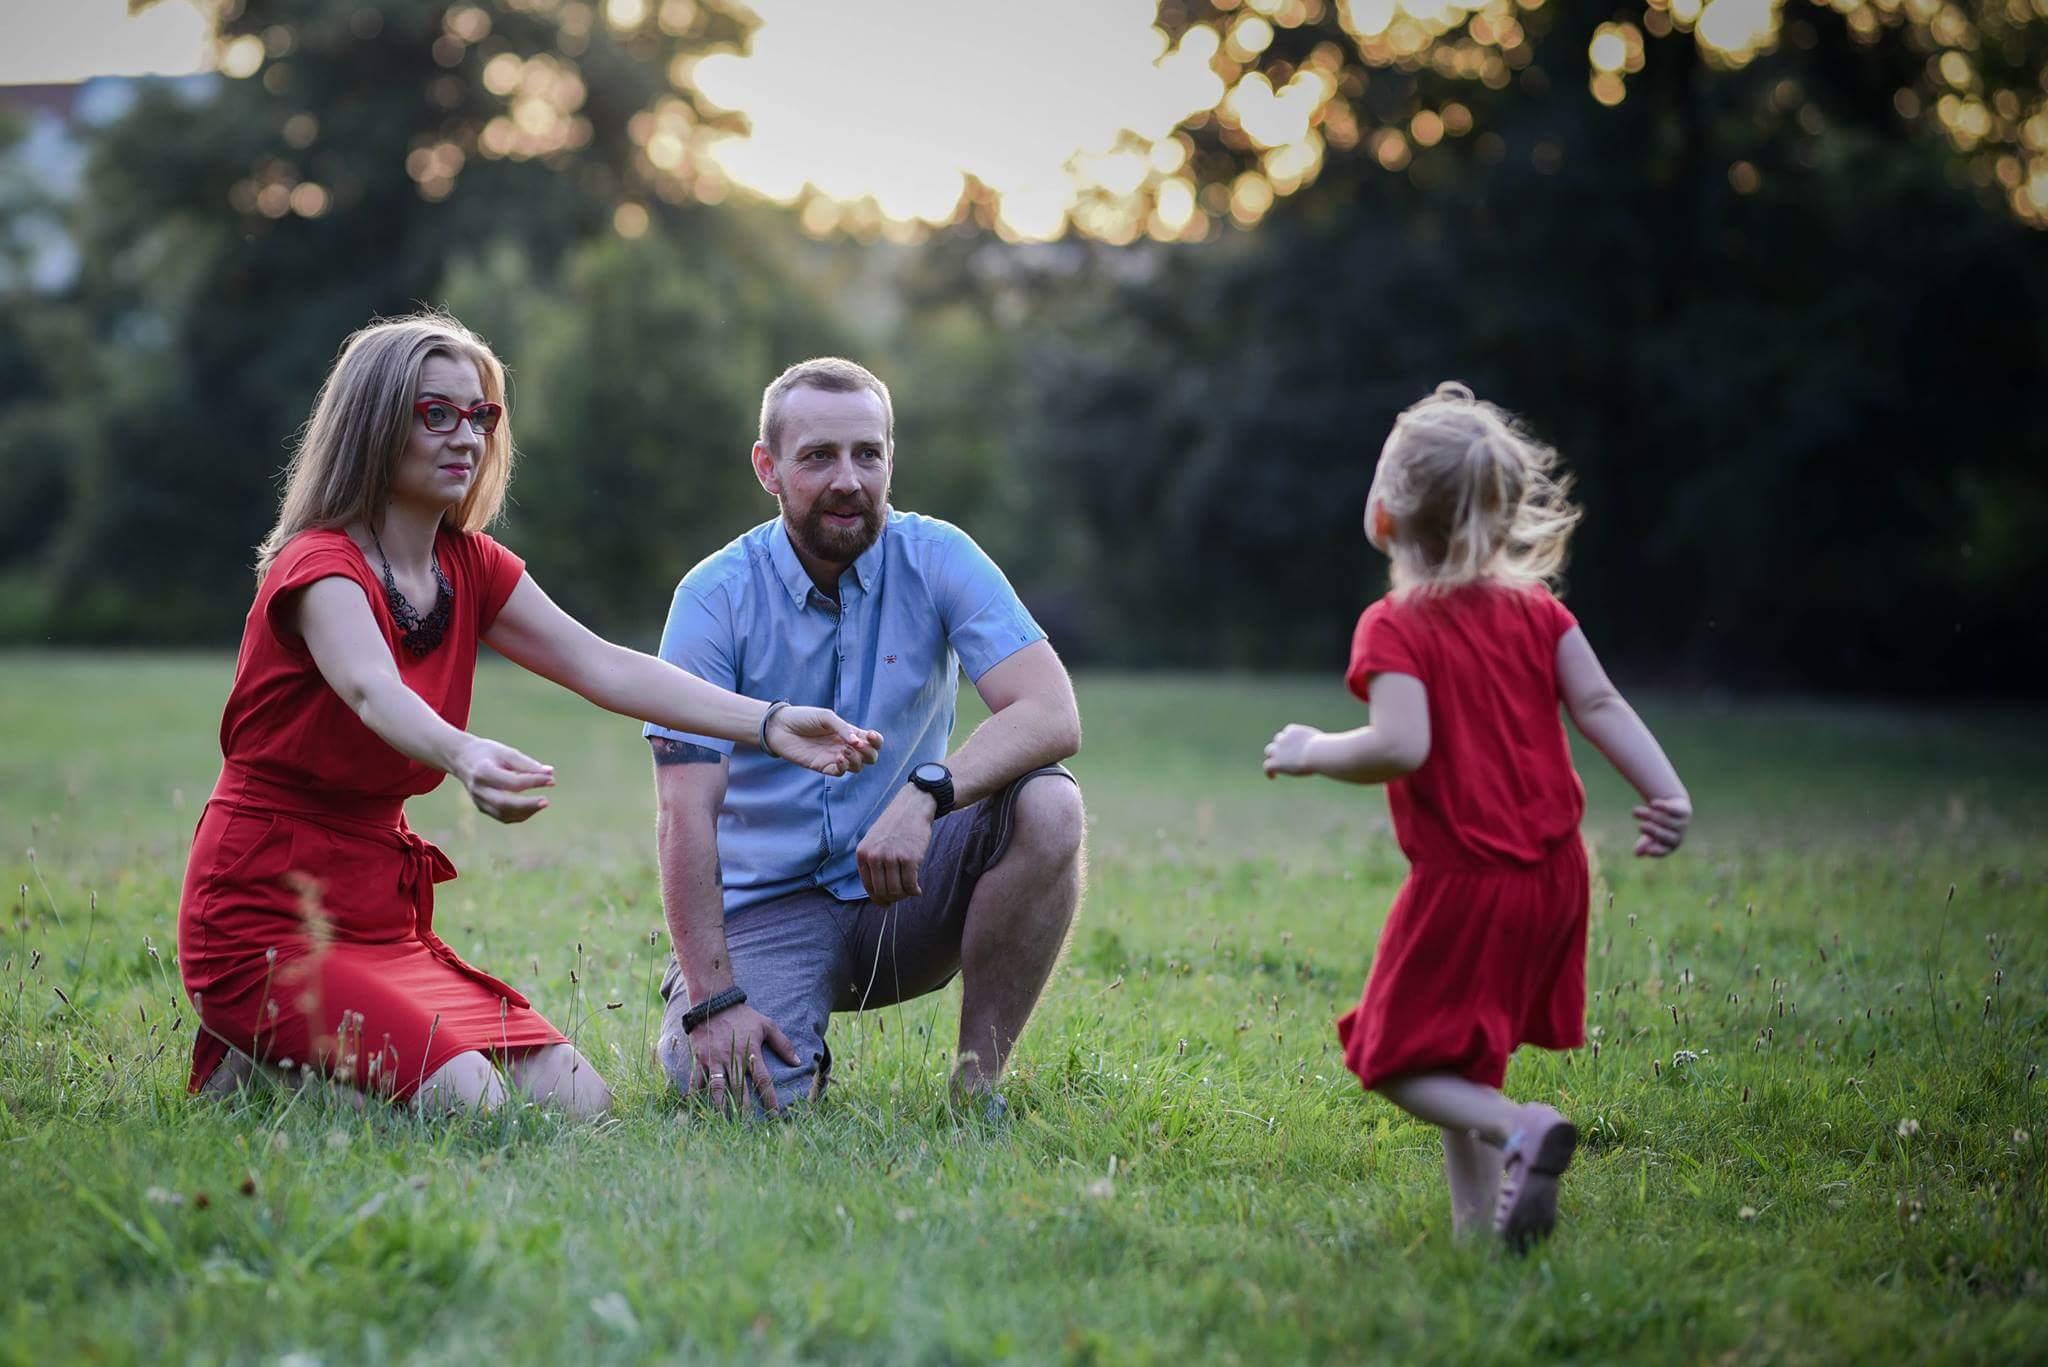 Od czego są rodzice i po co ma się dziecko? W odpowiedzi na hejt.